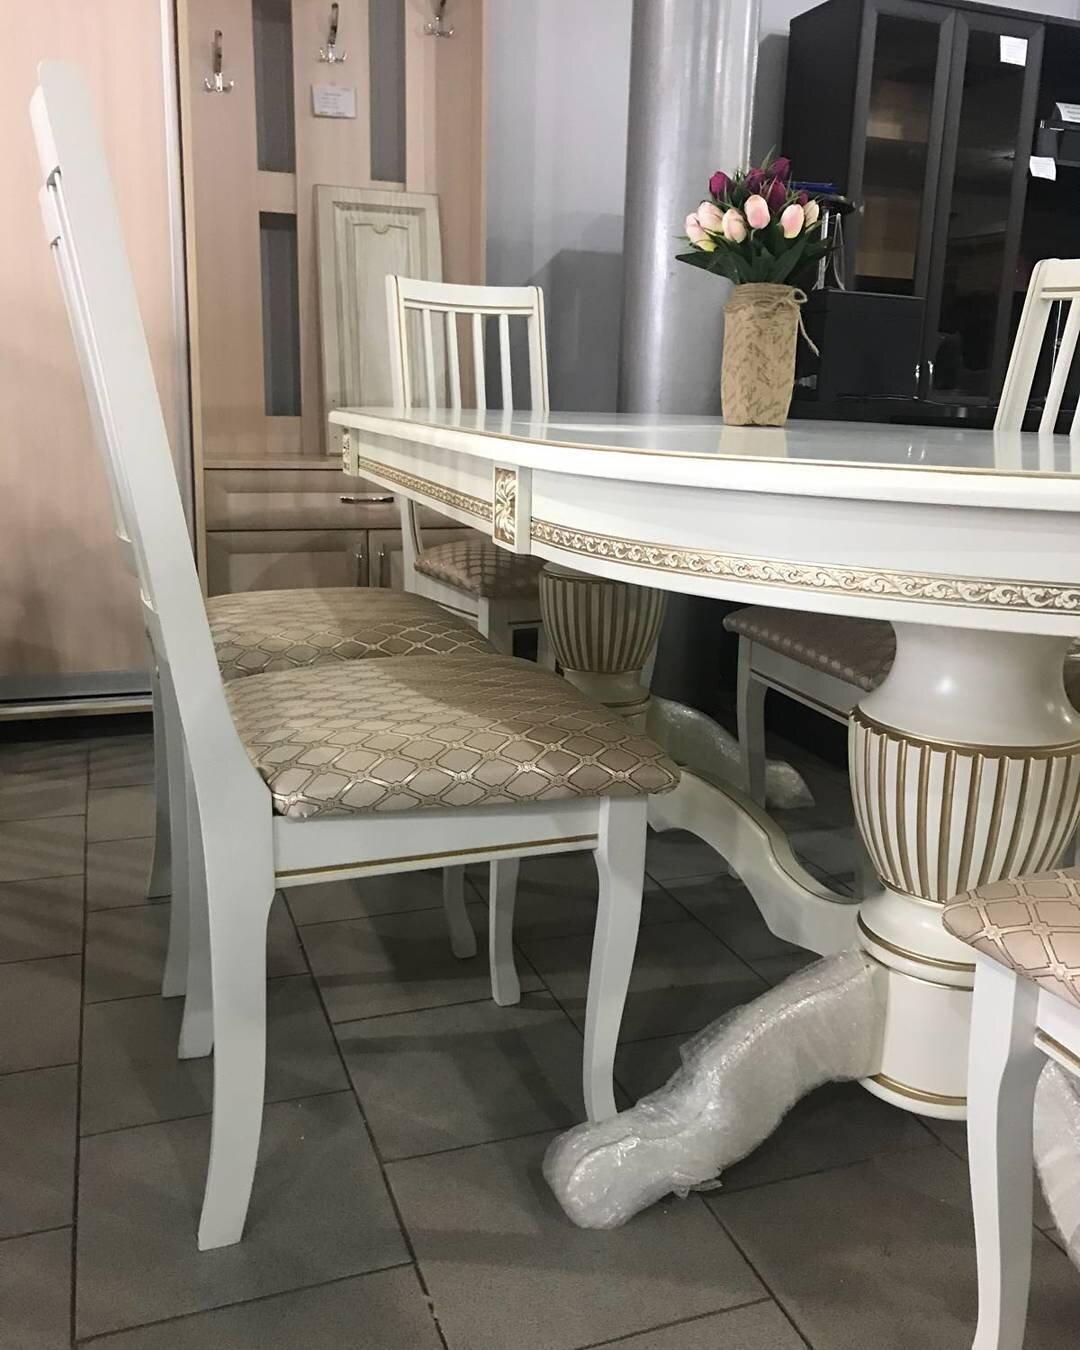 Стол 200*100 (+50) см., раздвижной 2-х тумбовый стол из массива бука Цвет: Слоновая кость - фото pic_31a9b72ca477d4bbe31cabbc114e6070_1920x9000_1.jpg